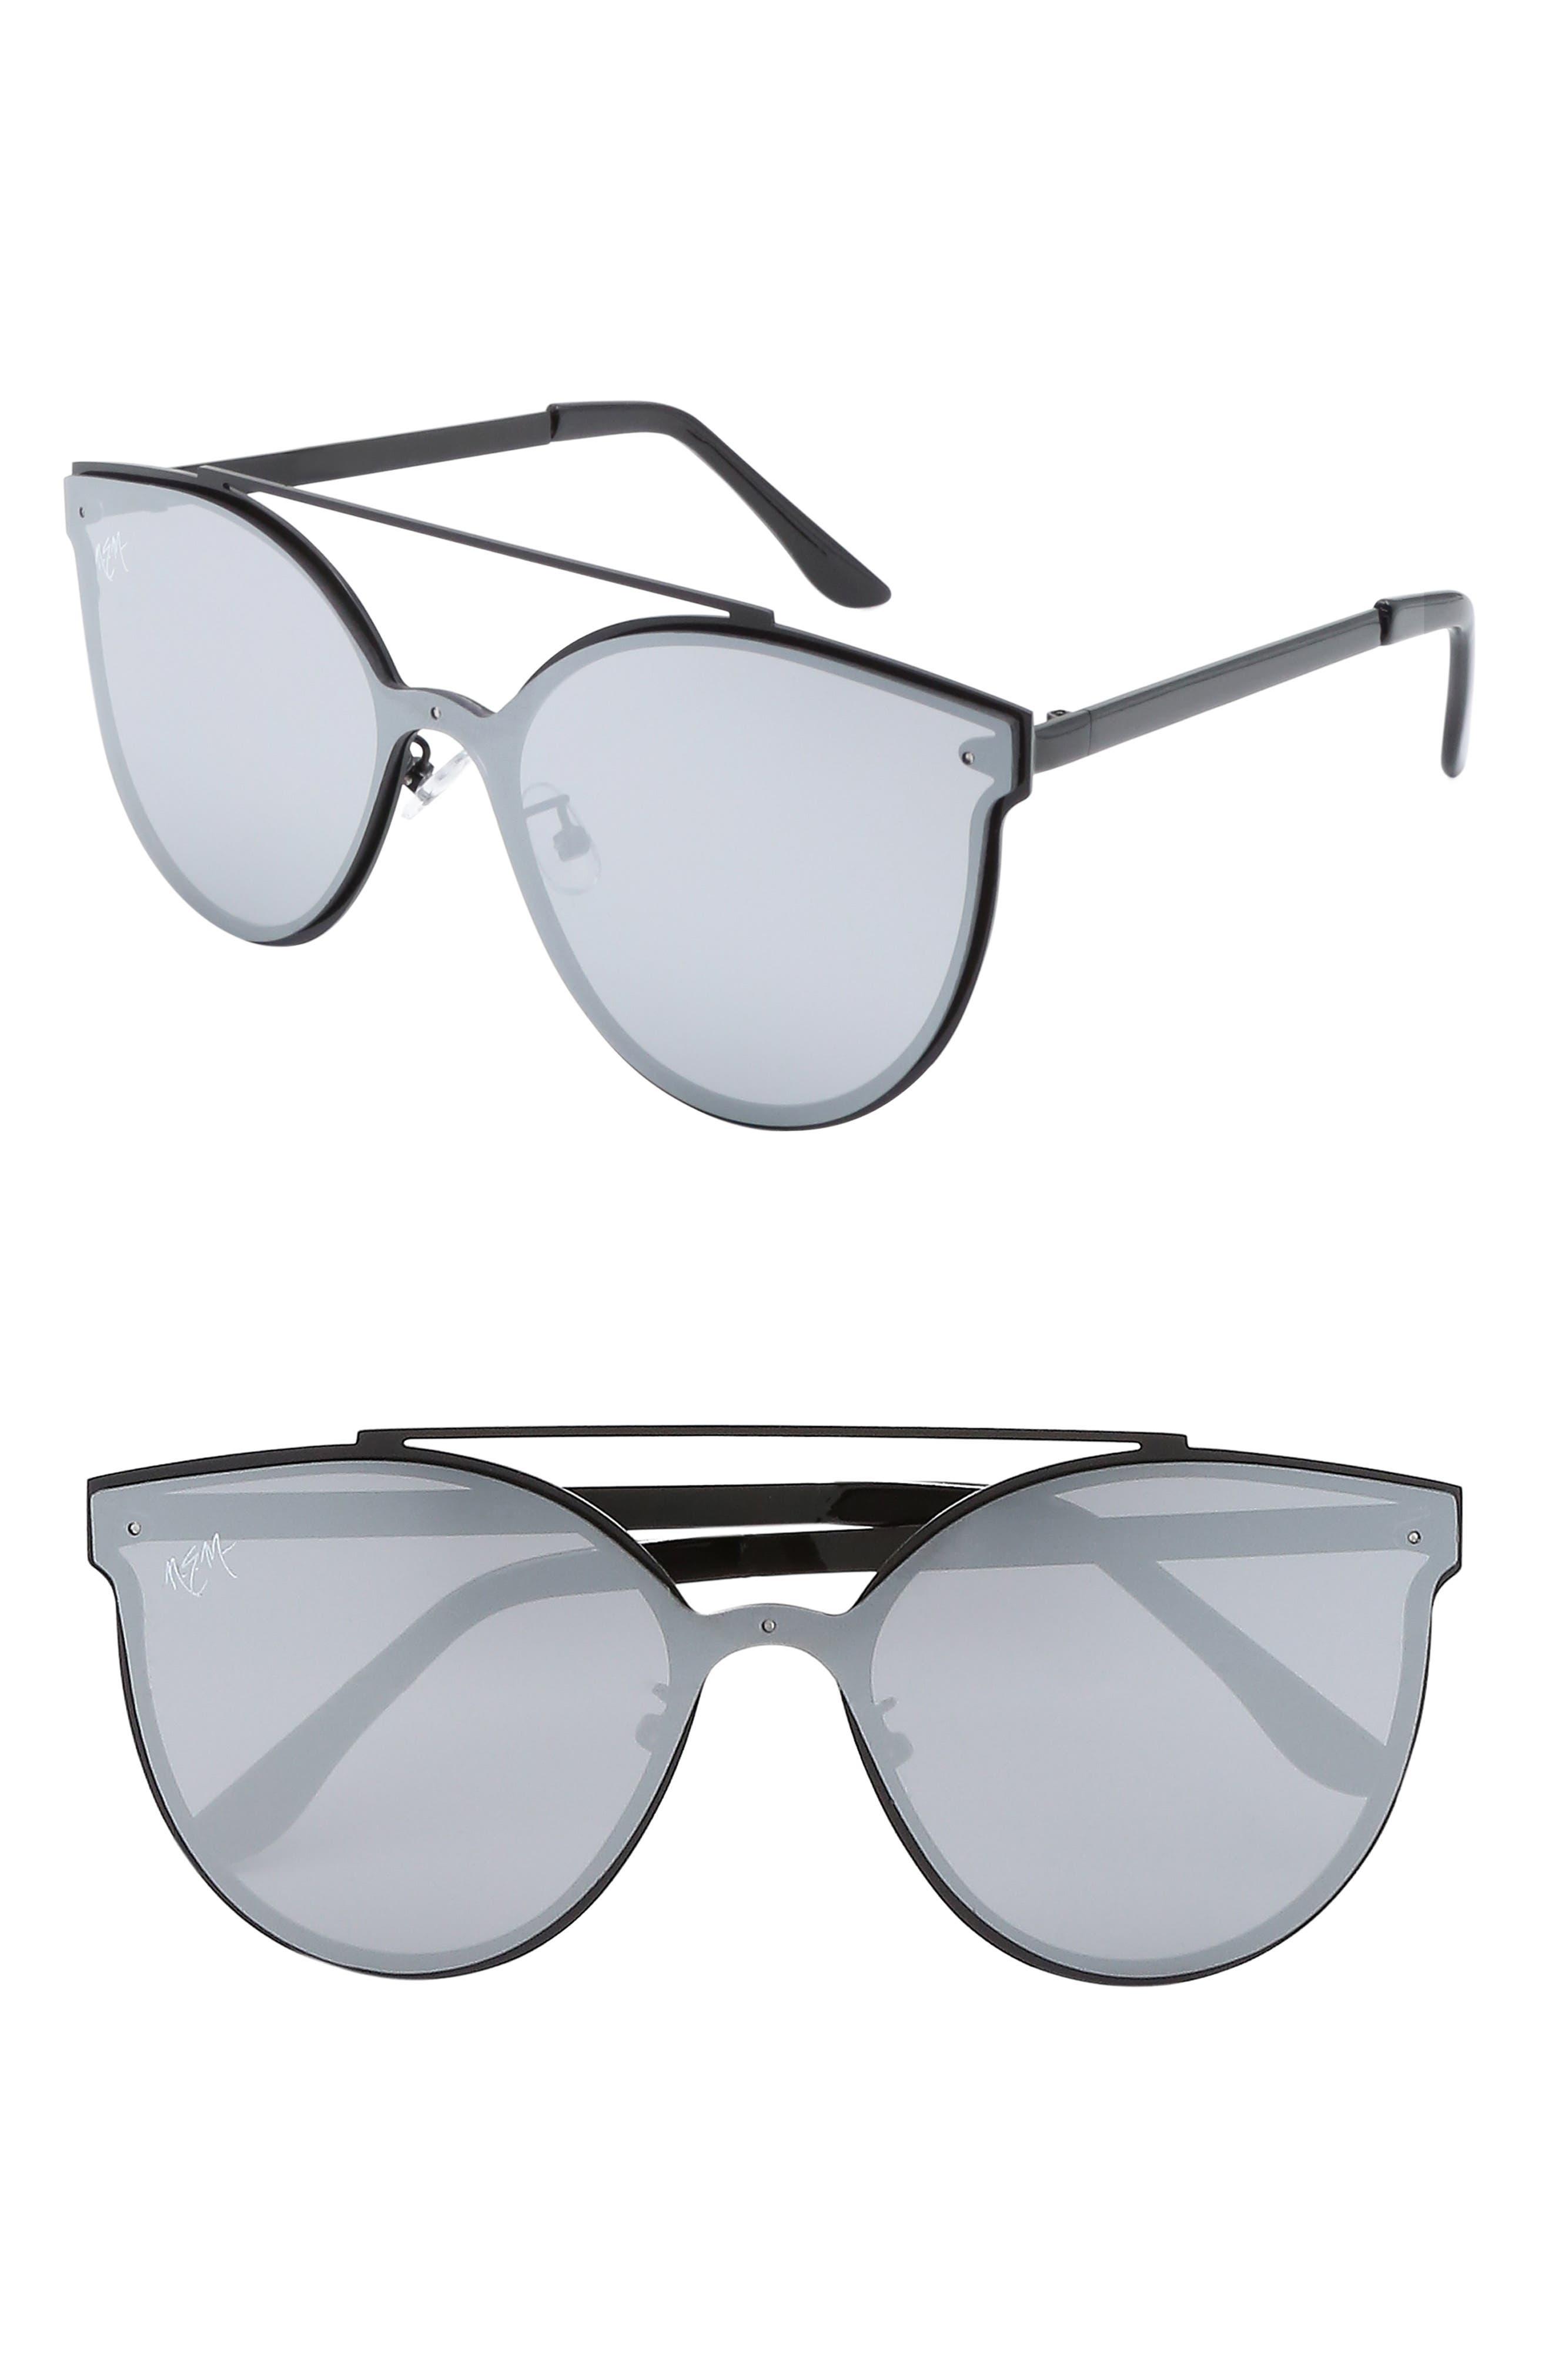 Matisse 55mm Cat Eye Sunglasses,                         Main,                         color, BLACK W GREY TINTED LENS